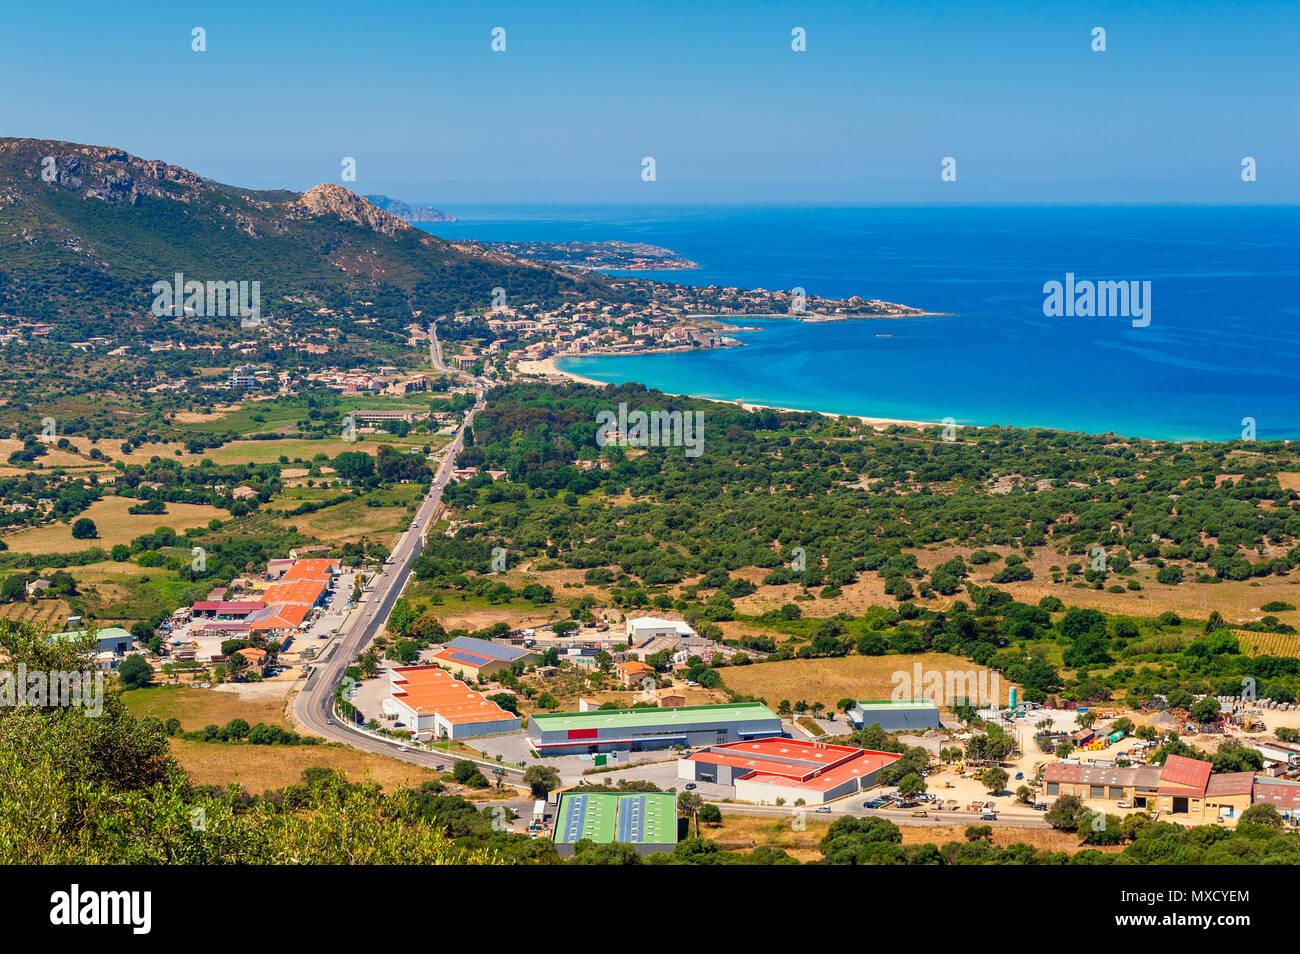 High angle view sur le village d'Algajola, Corse, France Photo Stock